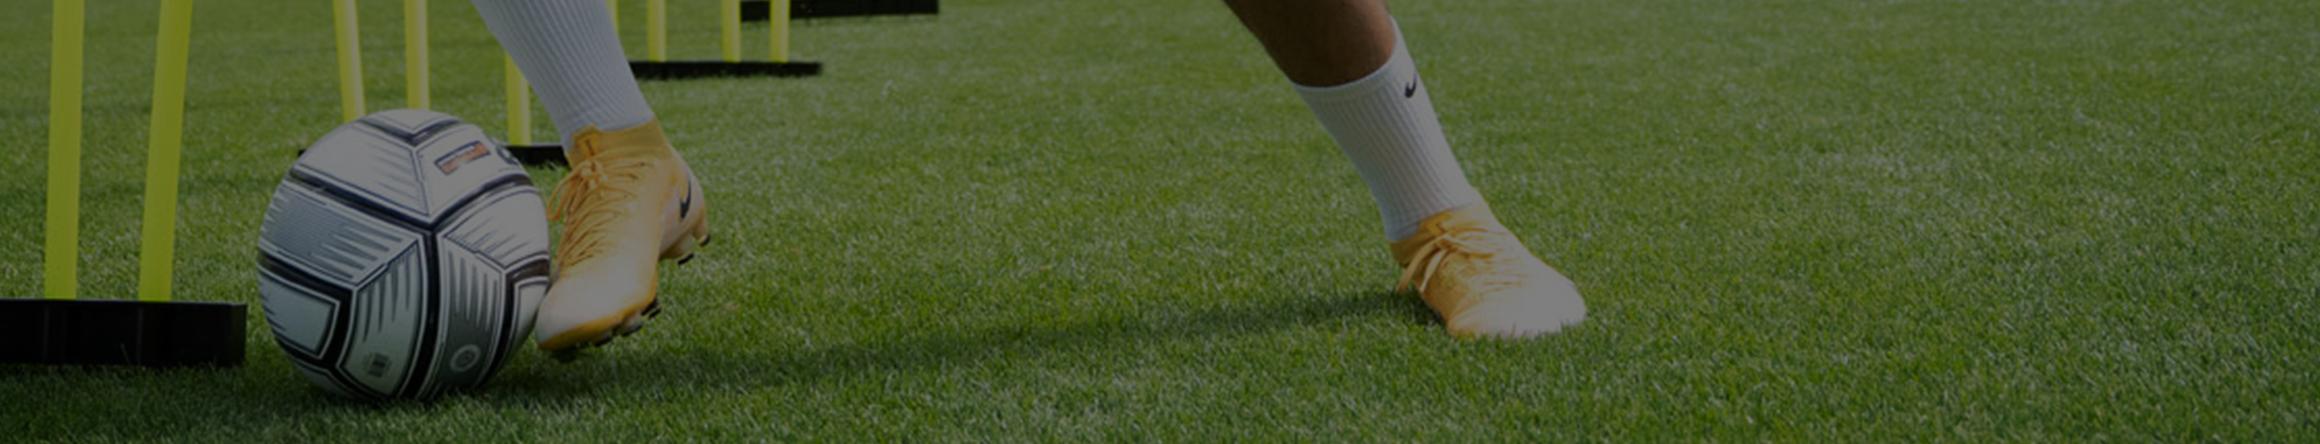 Fodboldudstyr – Fra Mål til Fodbolde